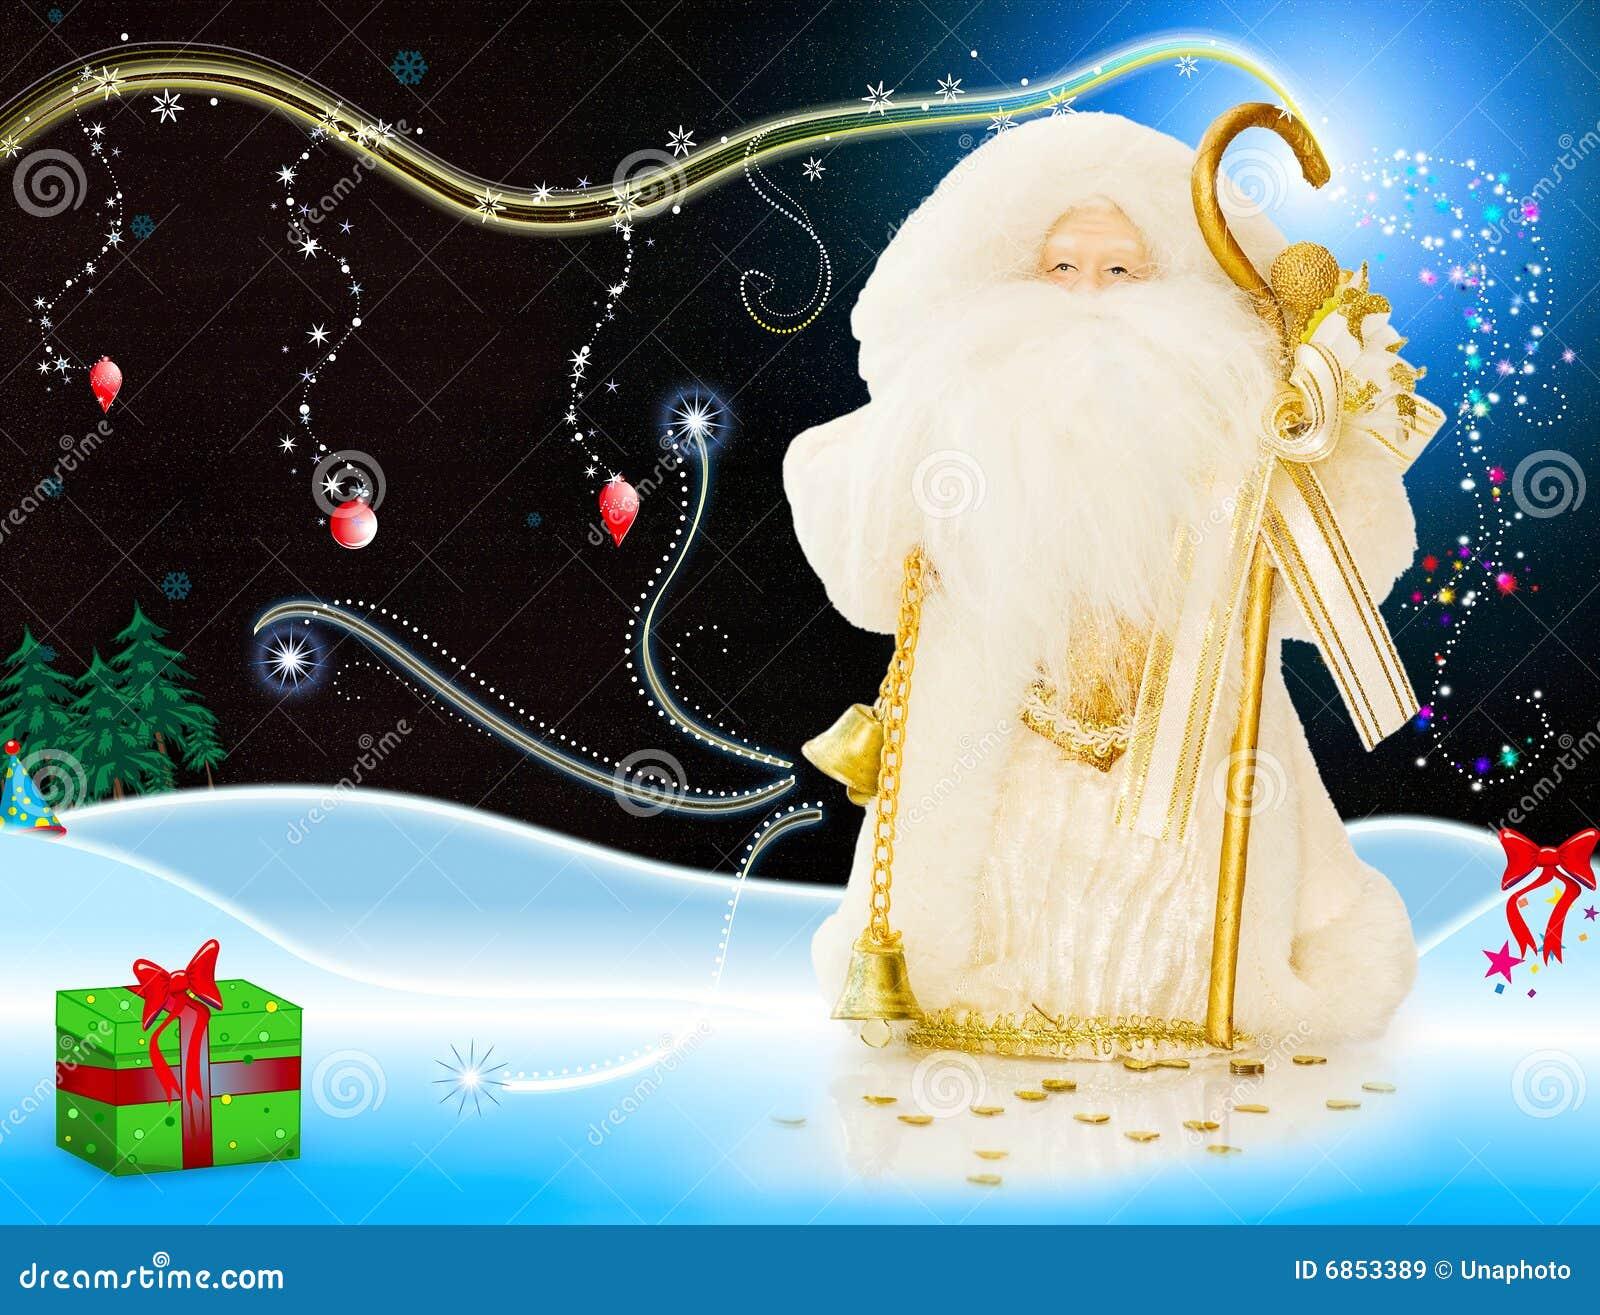 ноча santa в декабре рождества волшебная